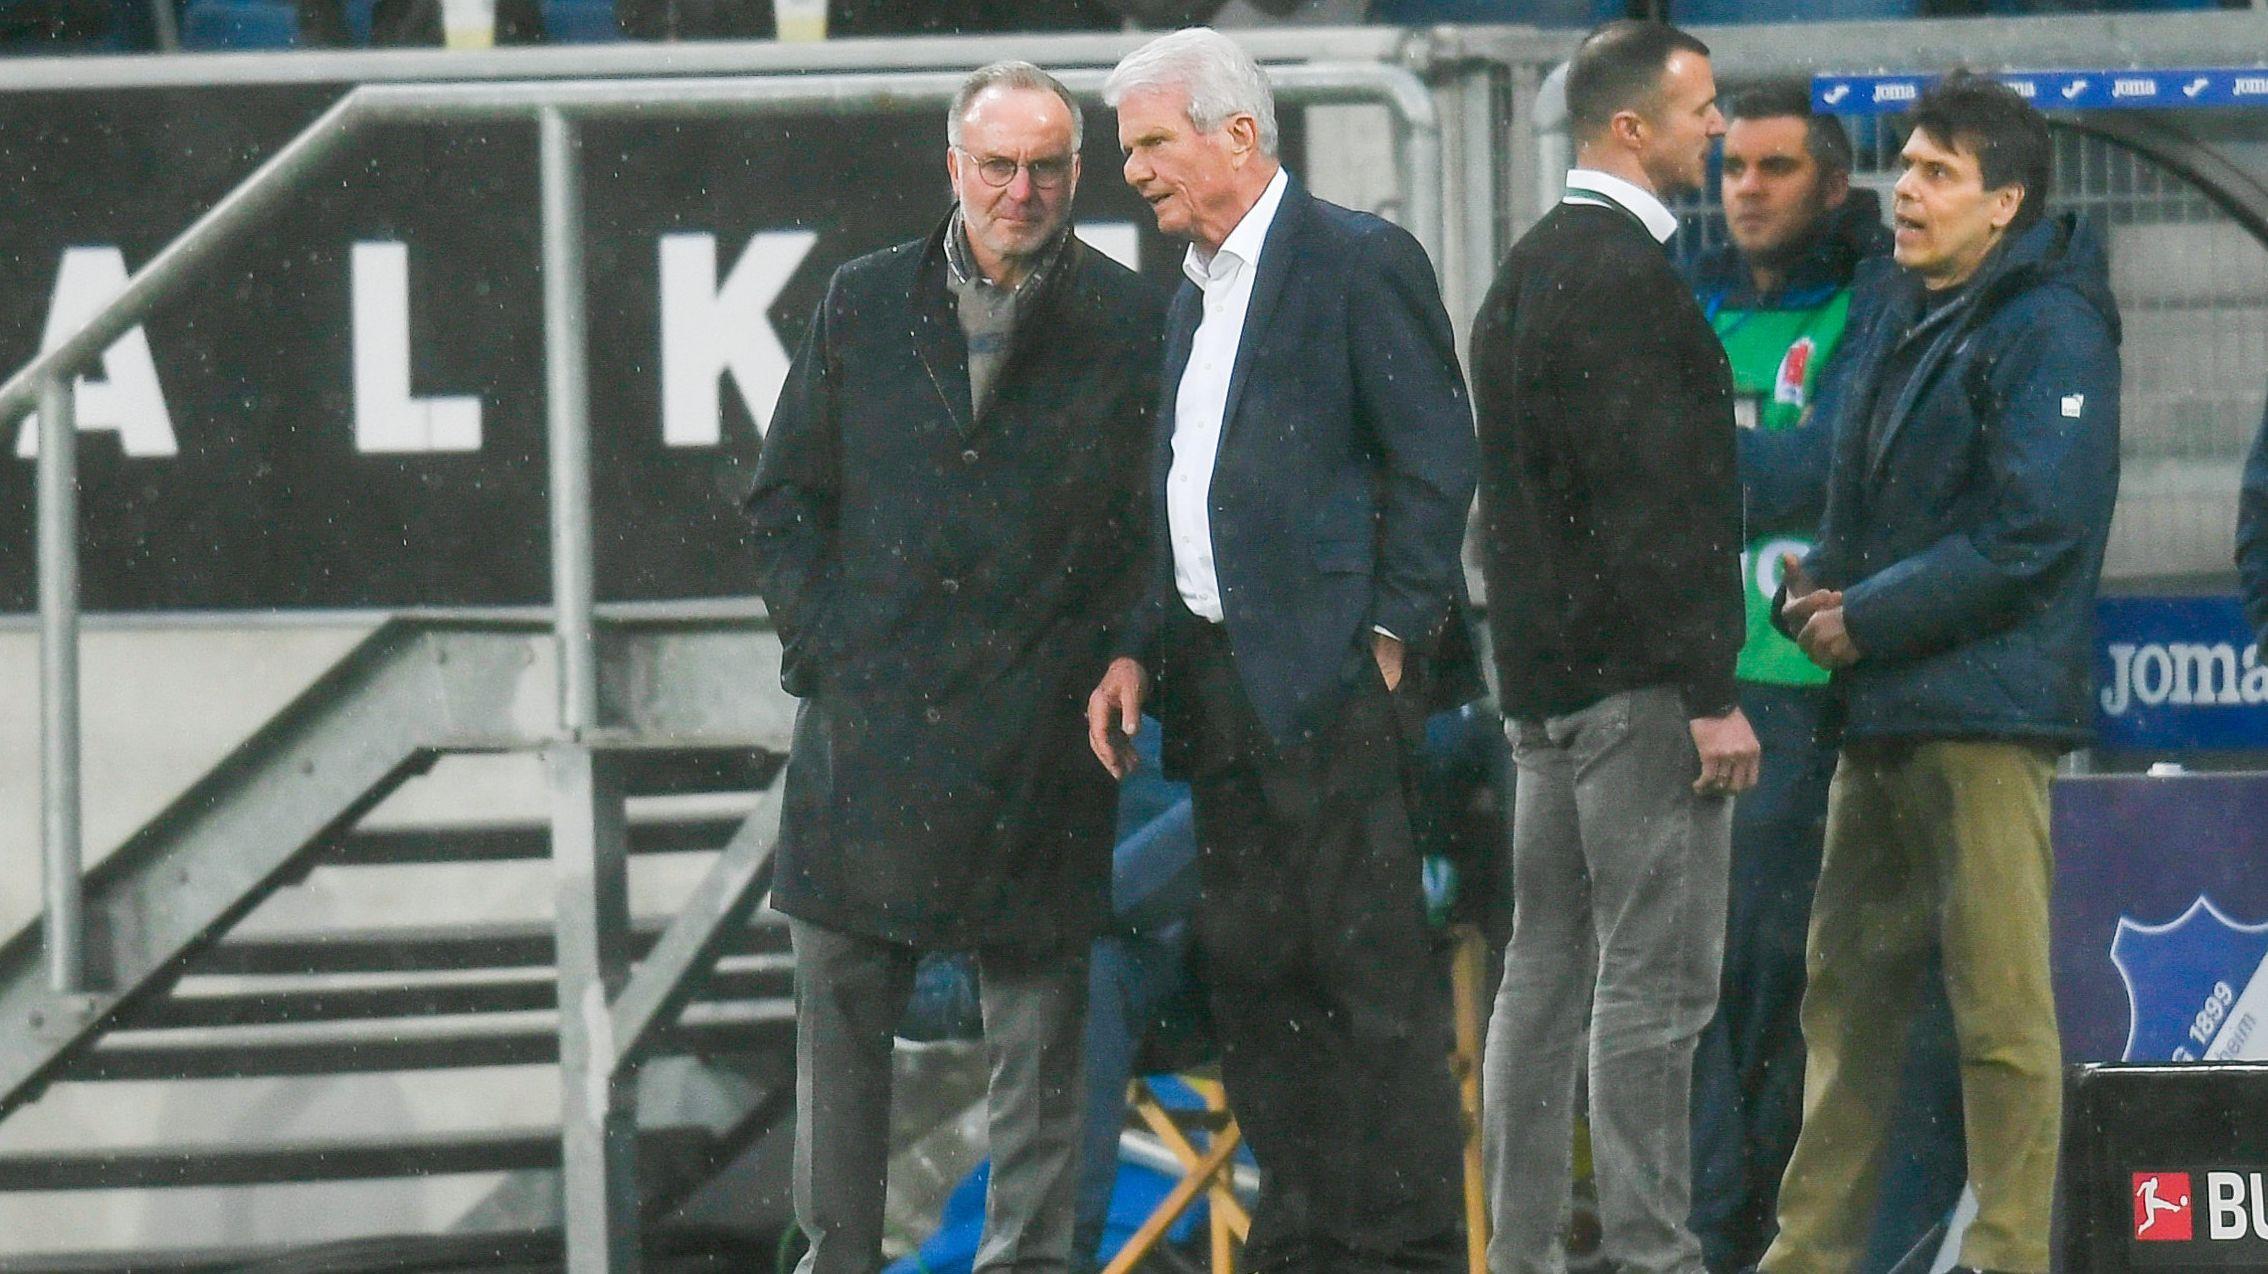 Der FCB-Vorstandsvorsitzende Karl-Heinz Rummenigge und der Hoffenheim-Mäzen Dietmar Hopp stehen nach der Spielunterbrechung an der Seitenauslinie.